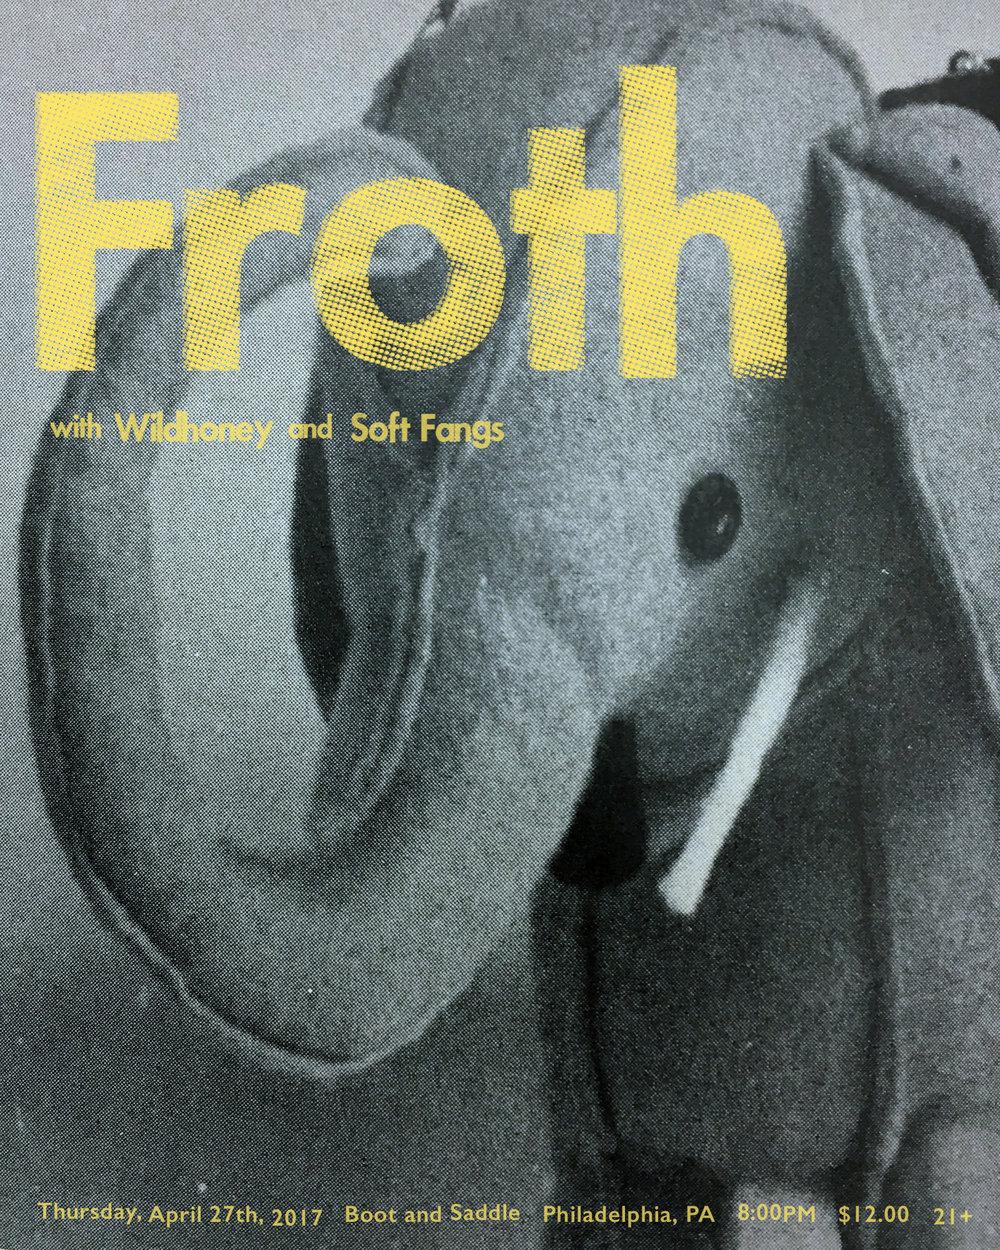 Flyer-FrothSoftFangs427-Elephant copy.JPG